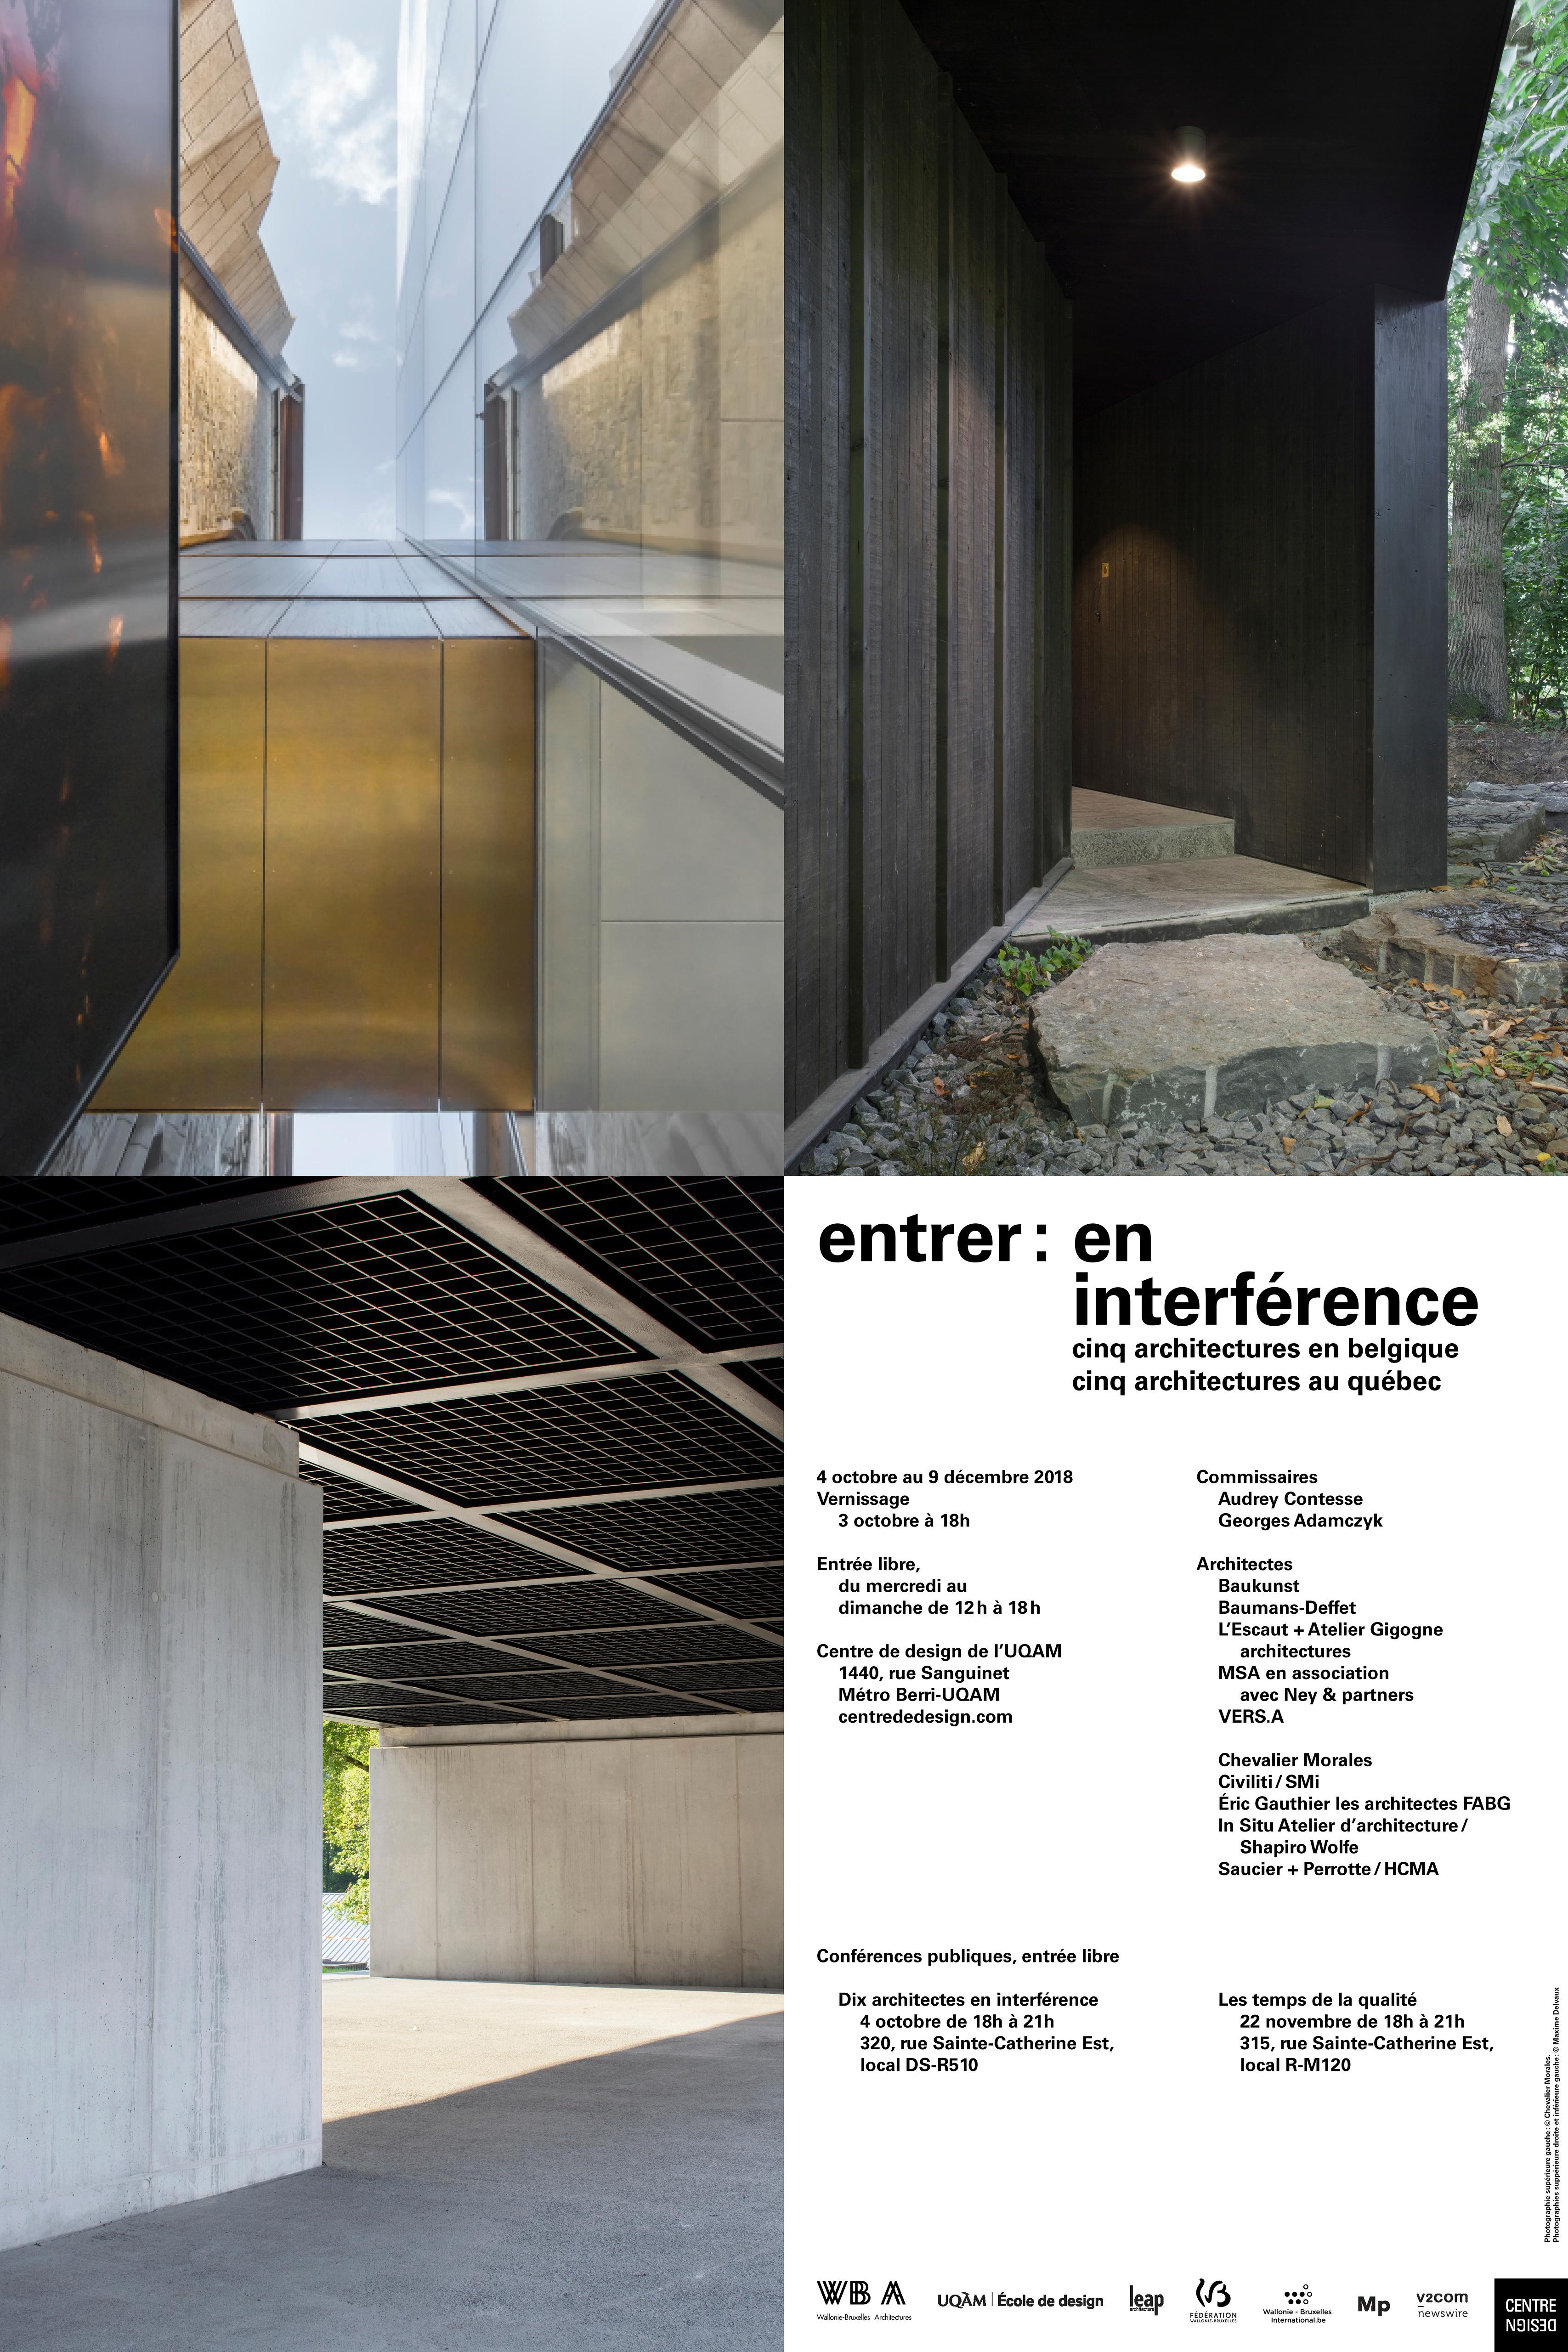 2018 - Exposition - Entrer en interférence © Jolin Masson